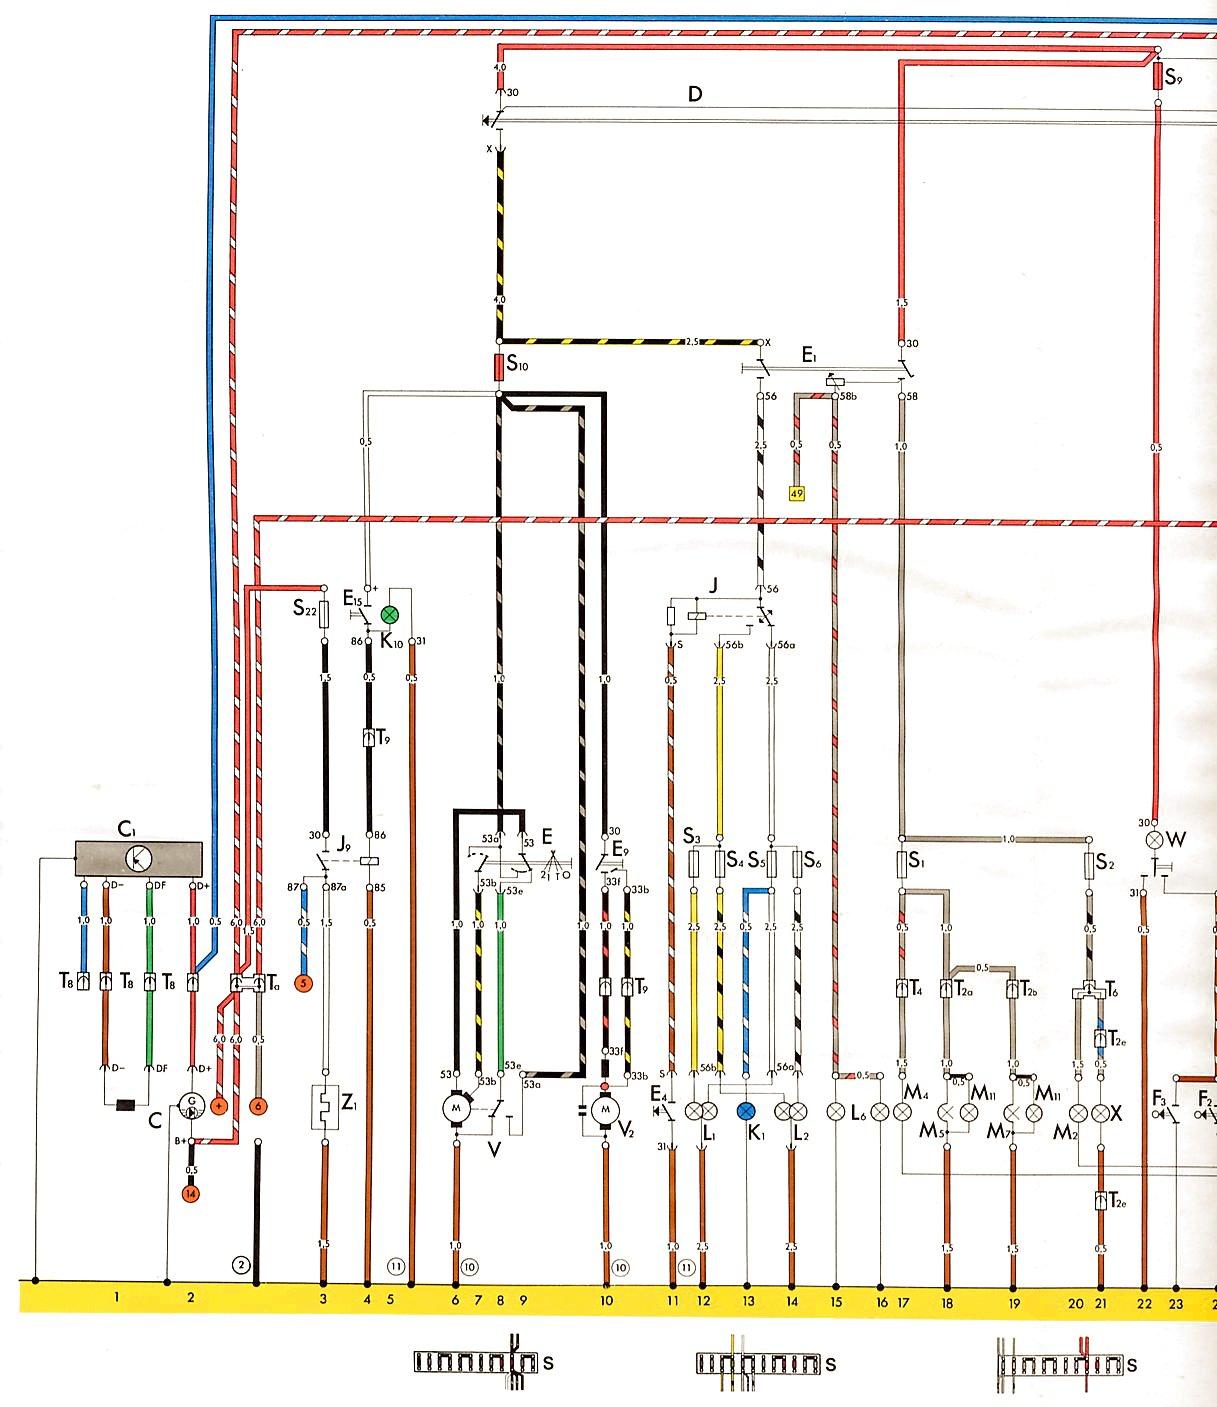 75 beetle wiring diagram shoptalkforums com rh shoptalkforums com 1973 VW  Wiring Diagram Super Beetle Wiring Diagram